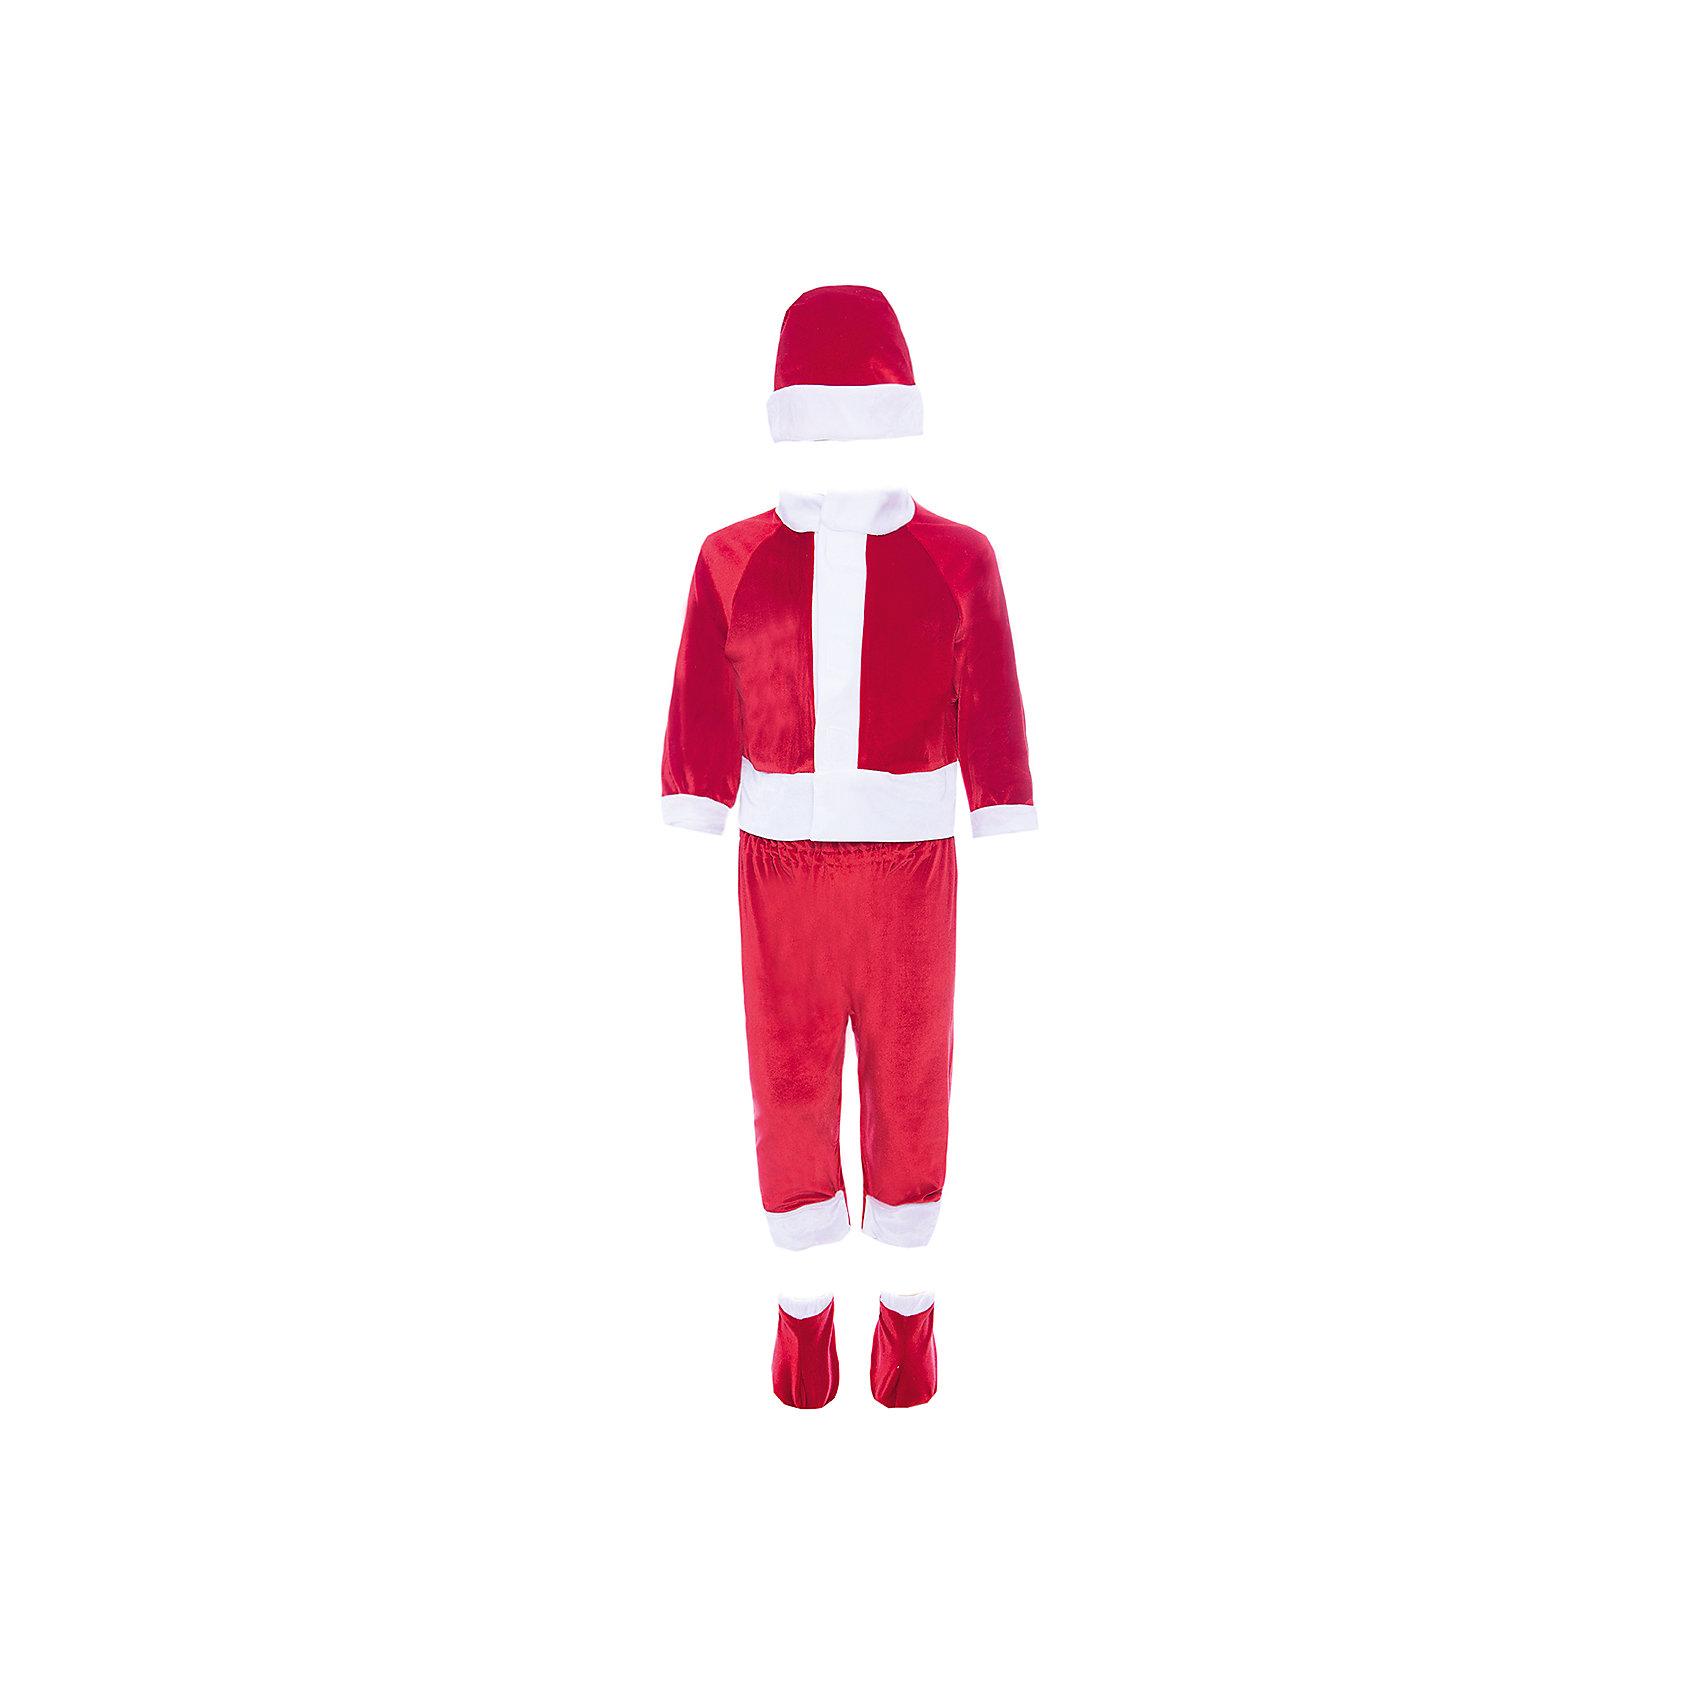 Вестифика Карнавальный костюм Санта Клаус, Вестифика вестифика карнавальный костюм для мальчика зайчонок вестифика